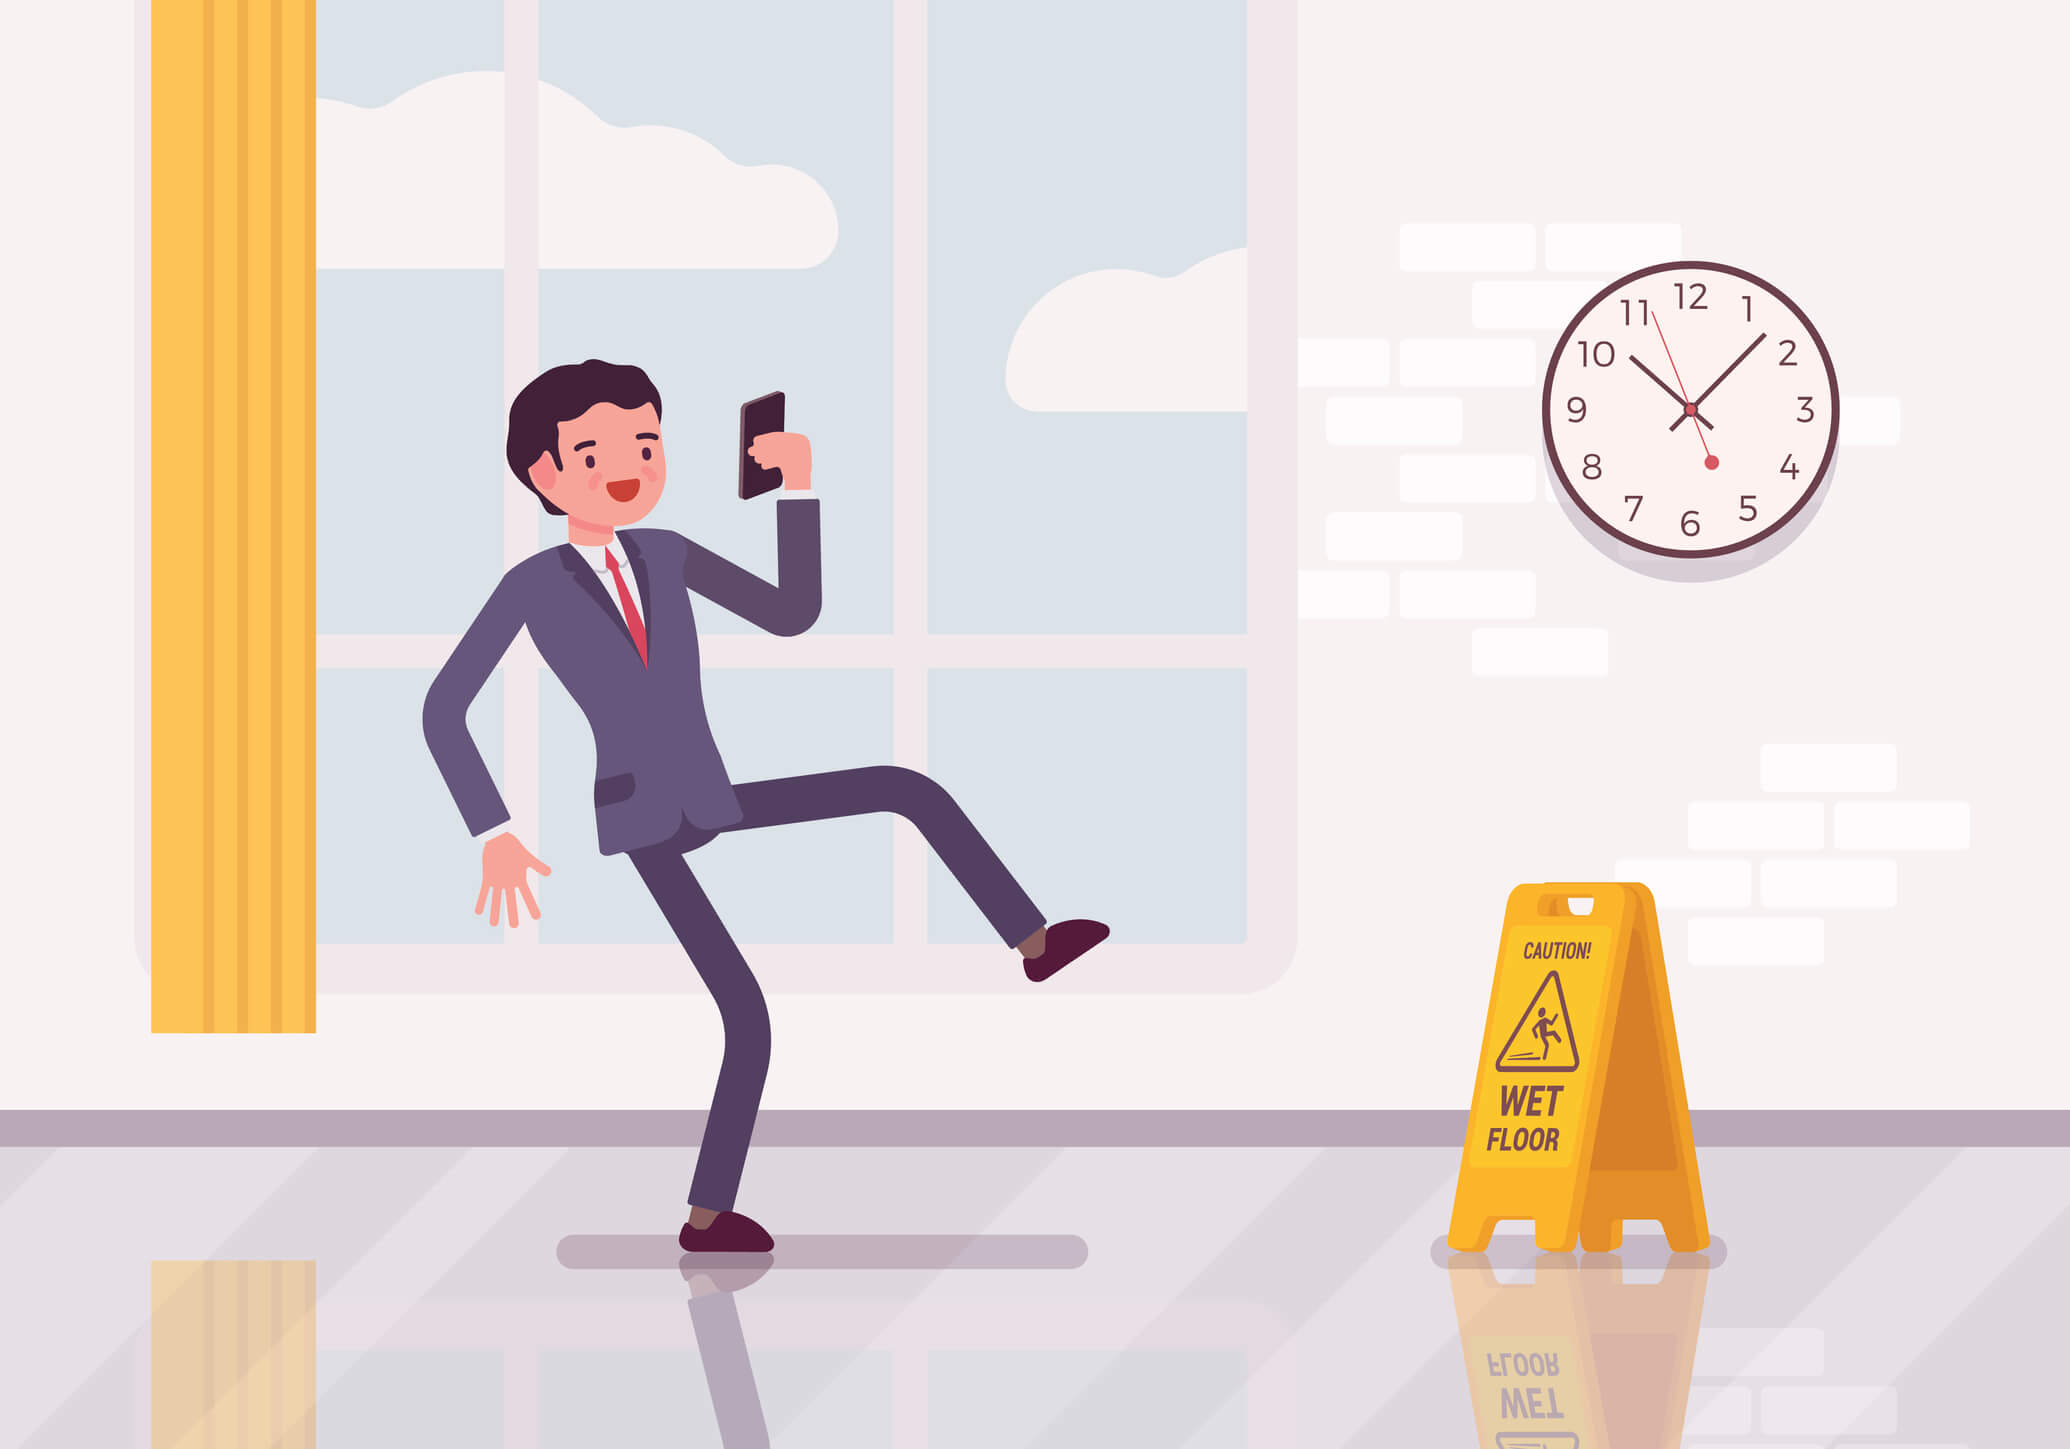 Como prevenir accidentes de trabajo con el checklist